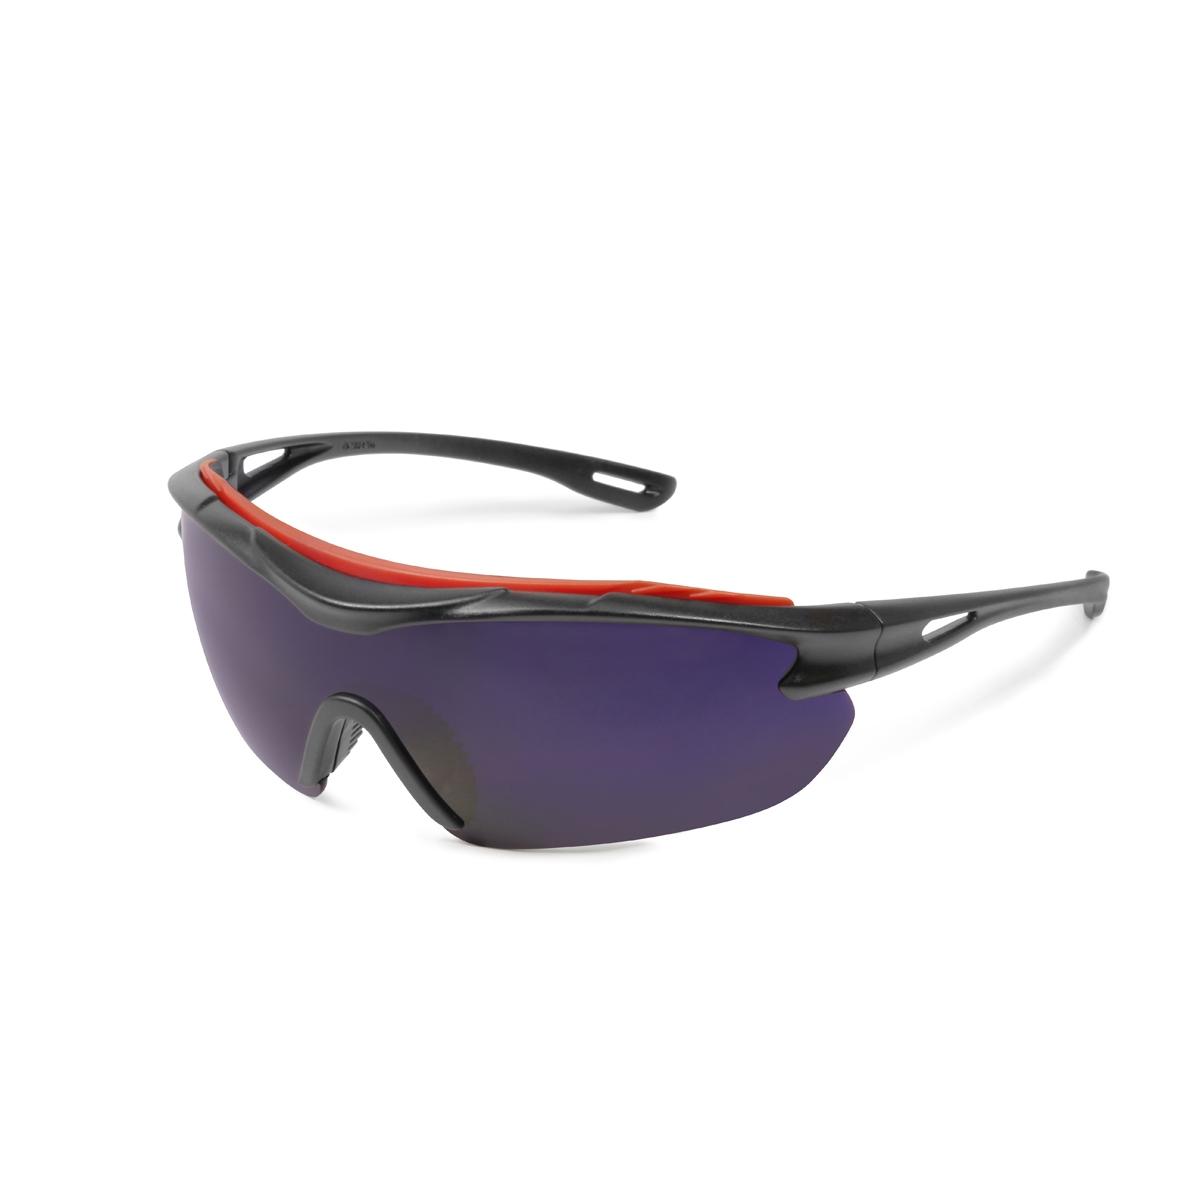 Elvex SG-31C-AF Brow-Specs Safety Glasses - Black Frame ...